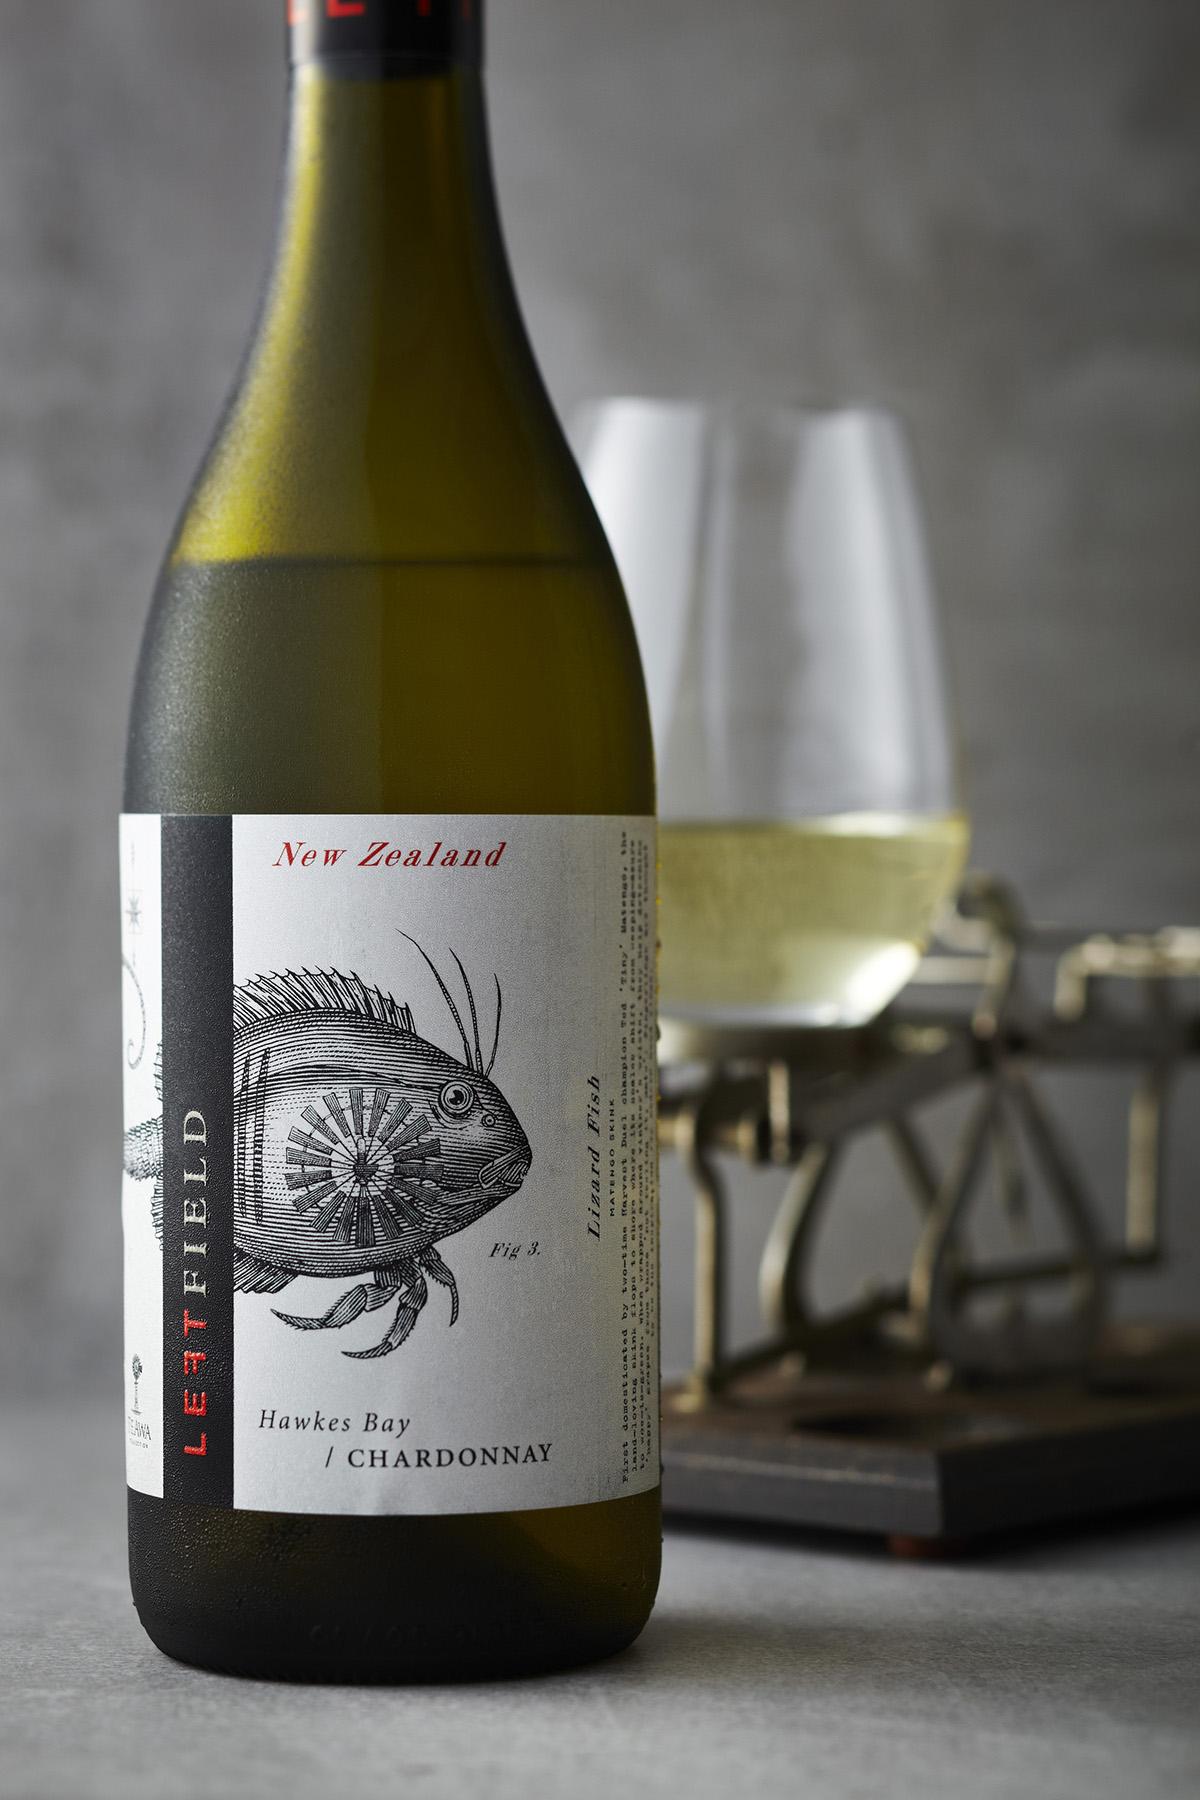 Relaunch wine brand